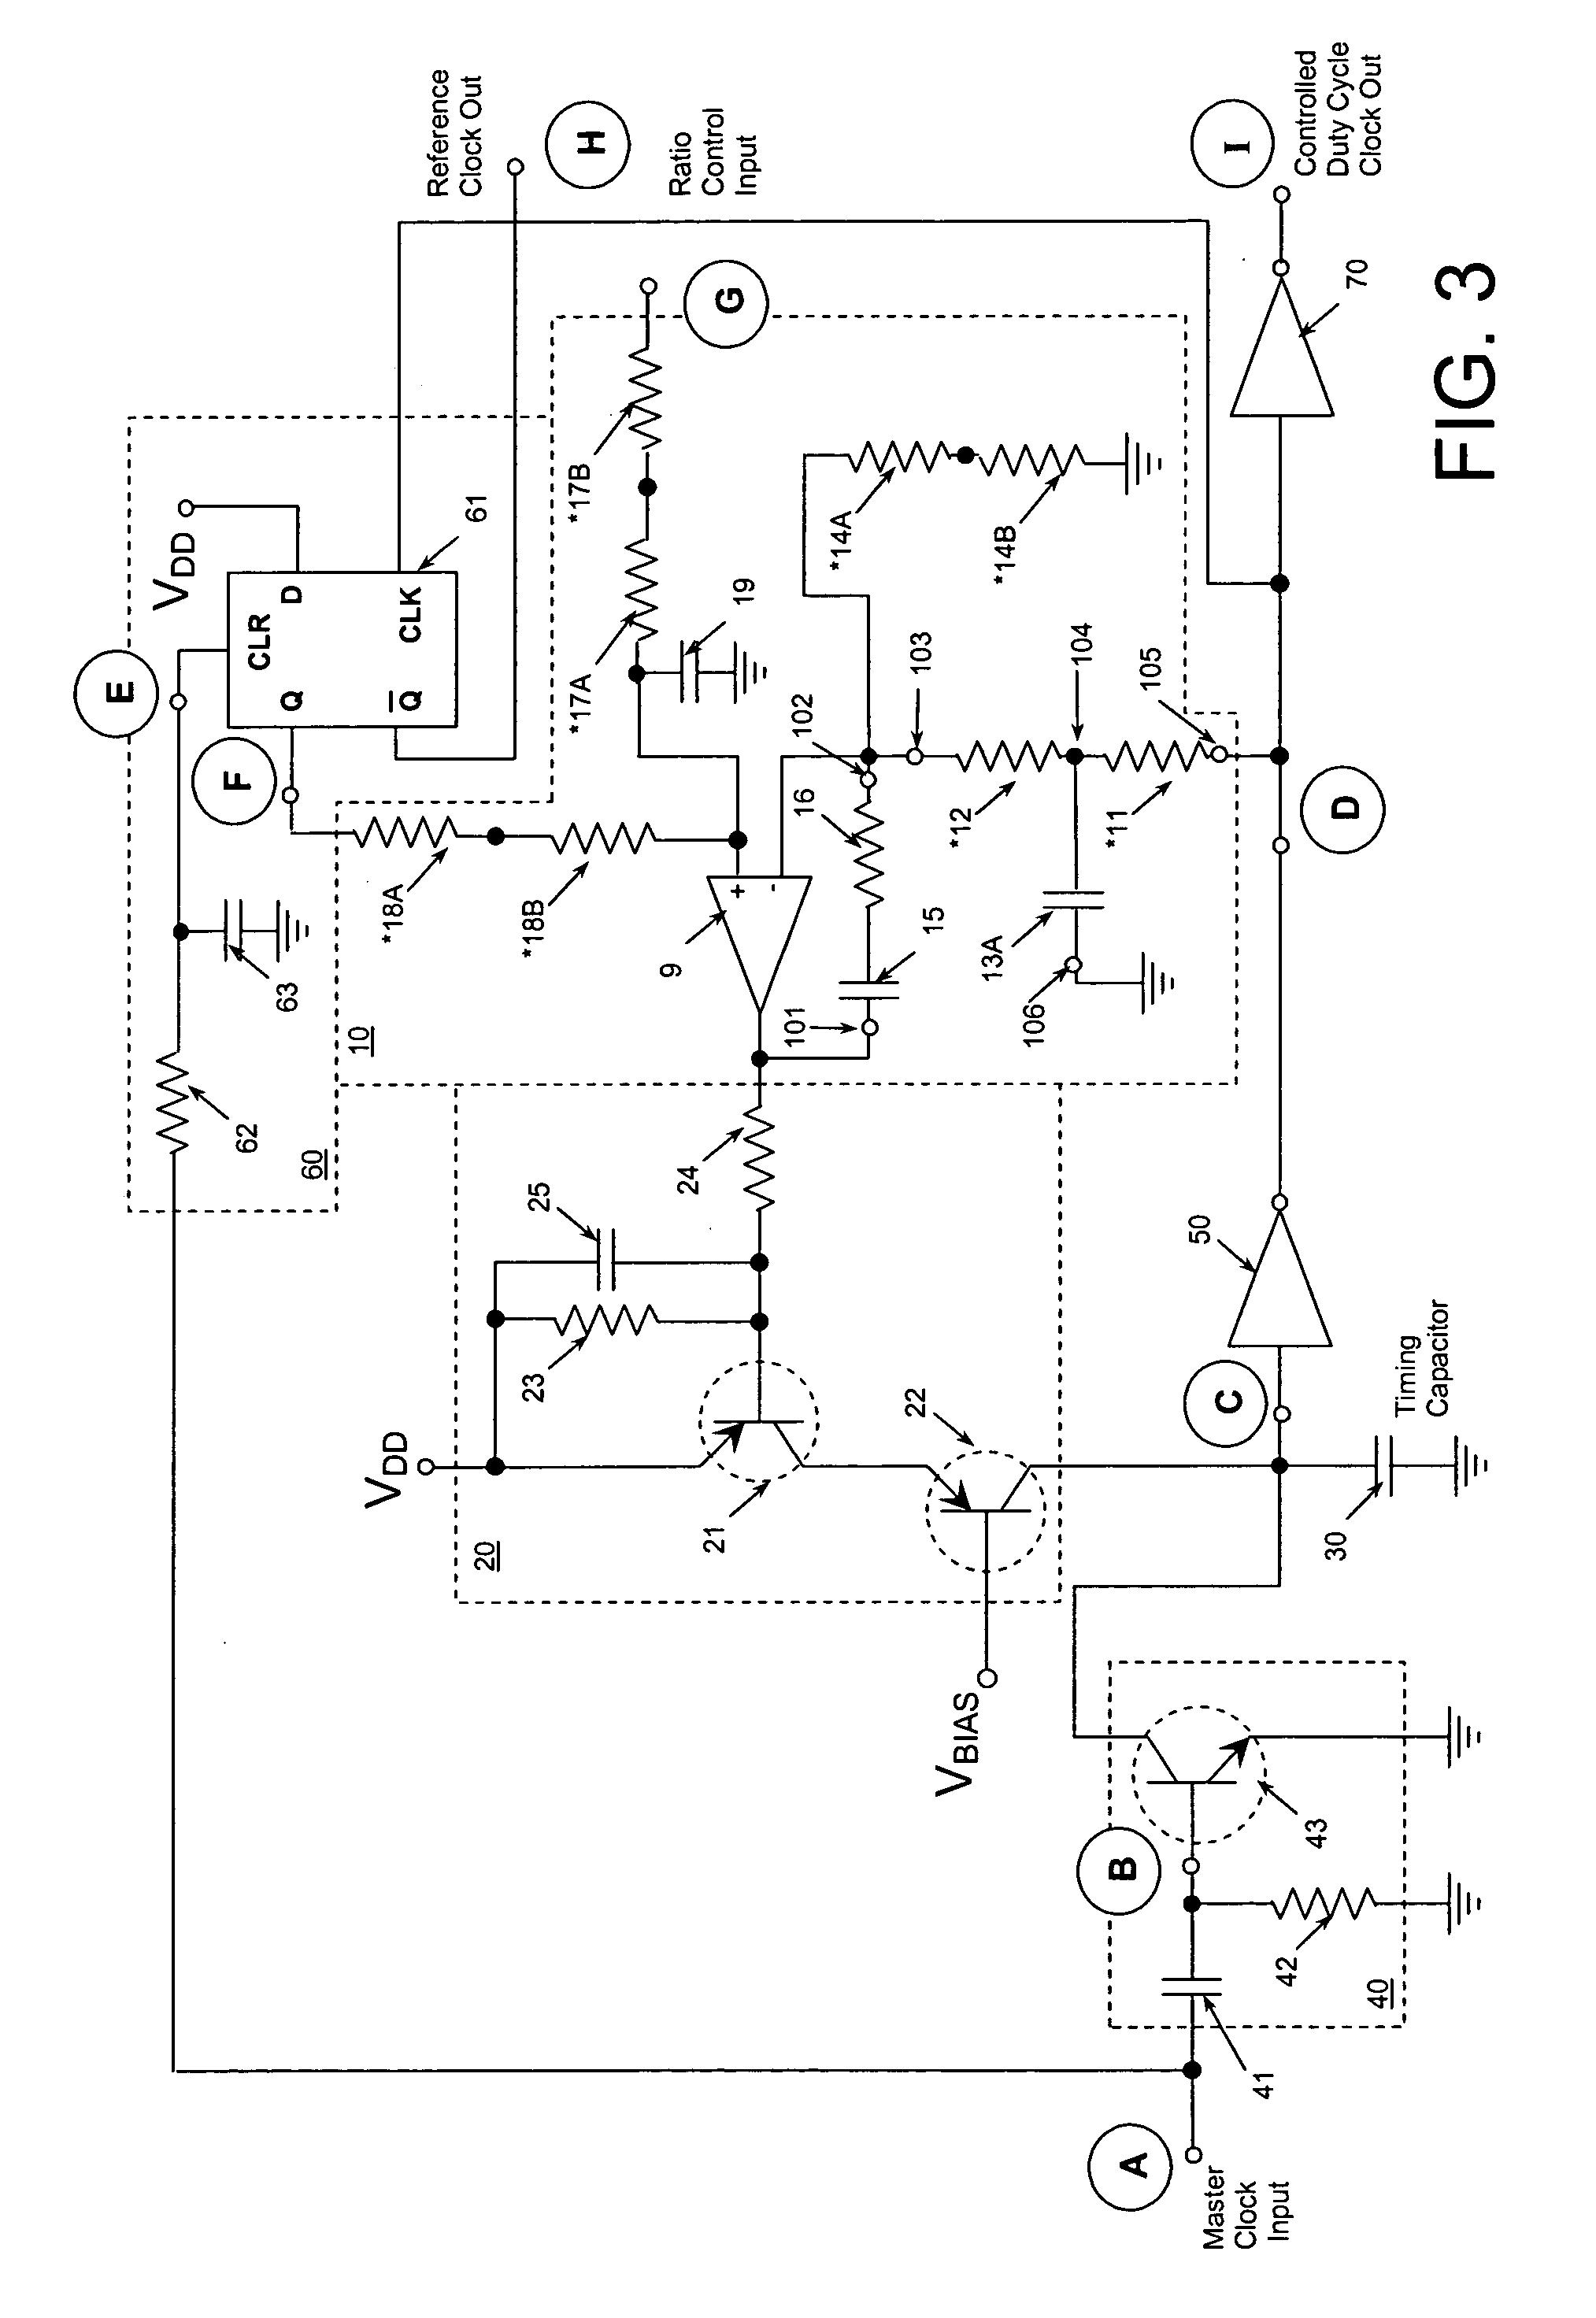 patent us7138856